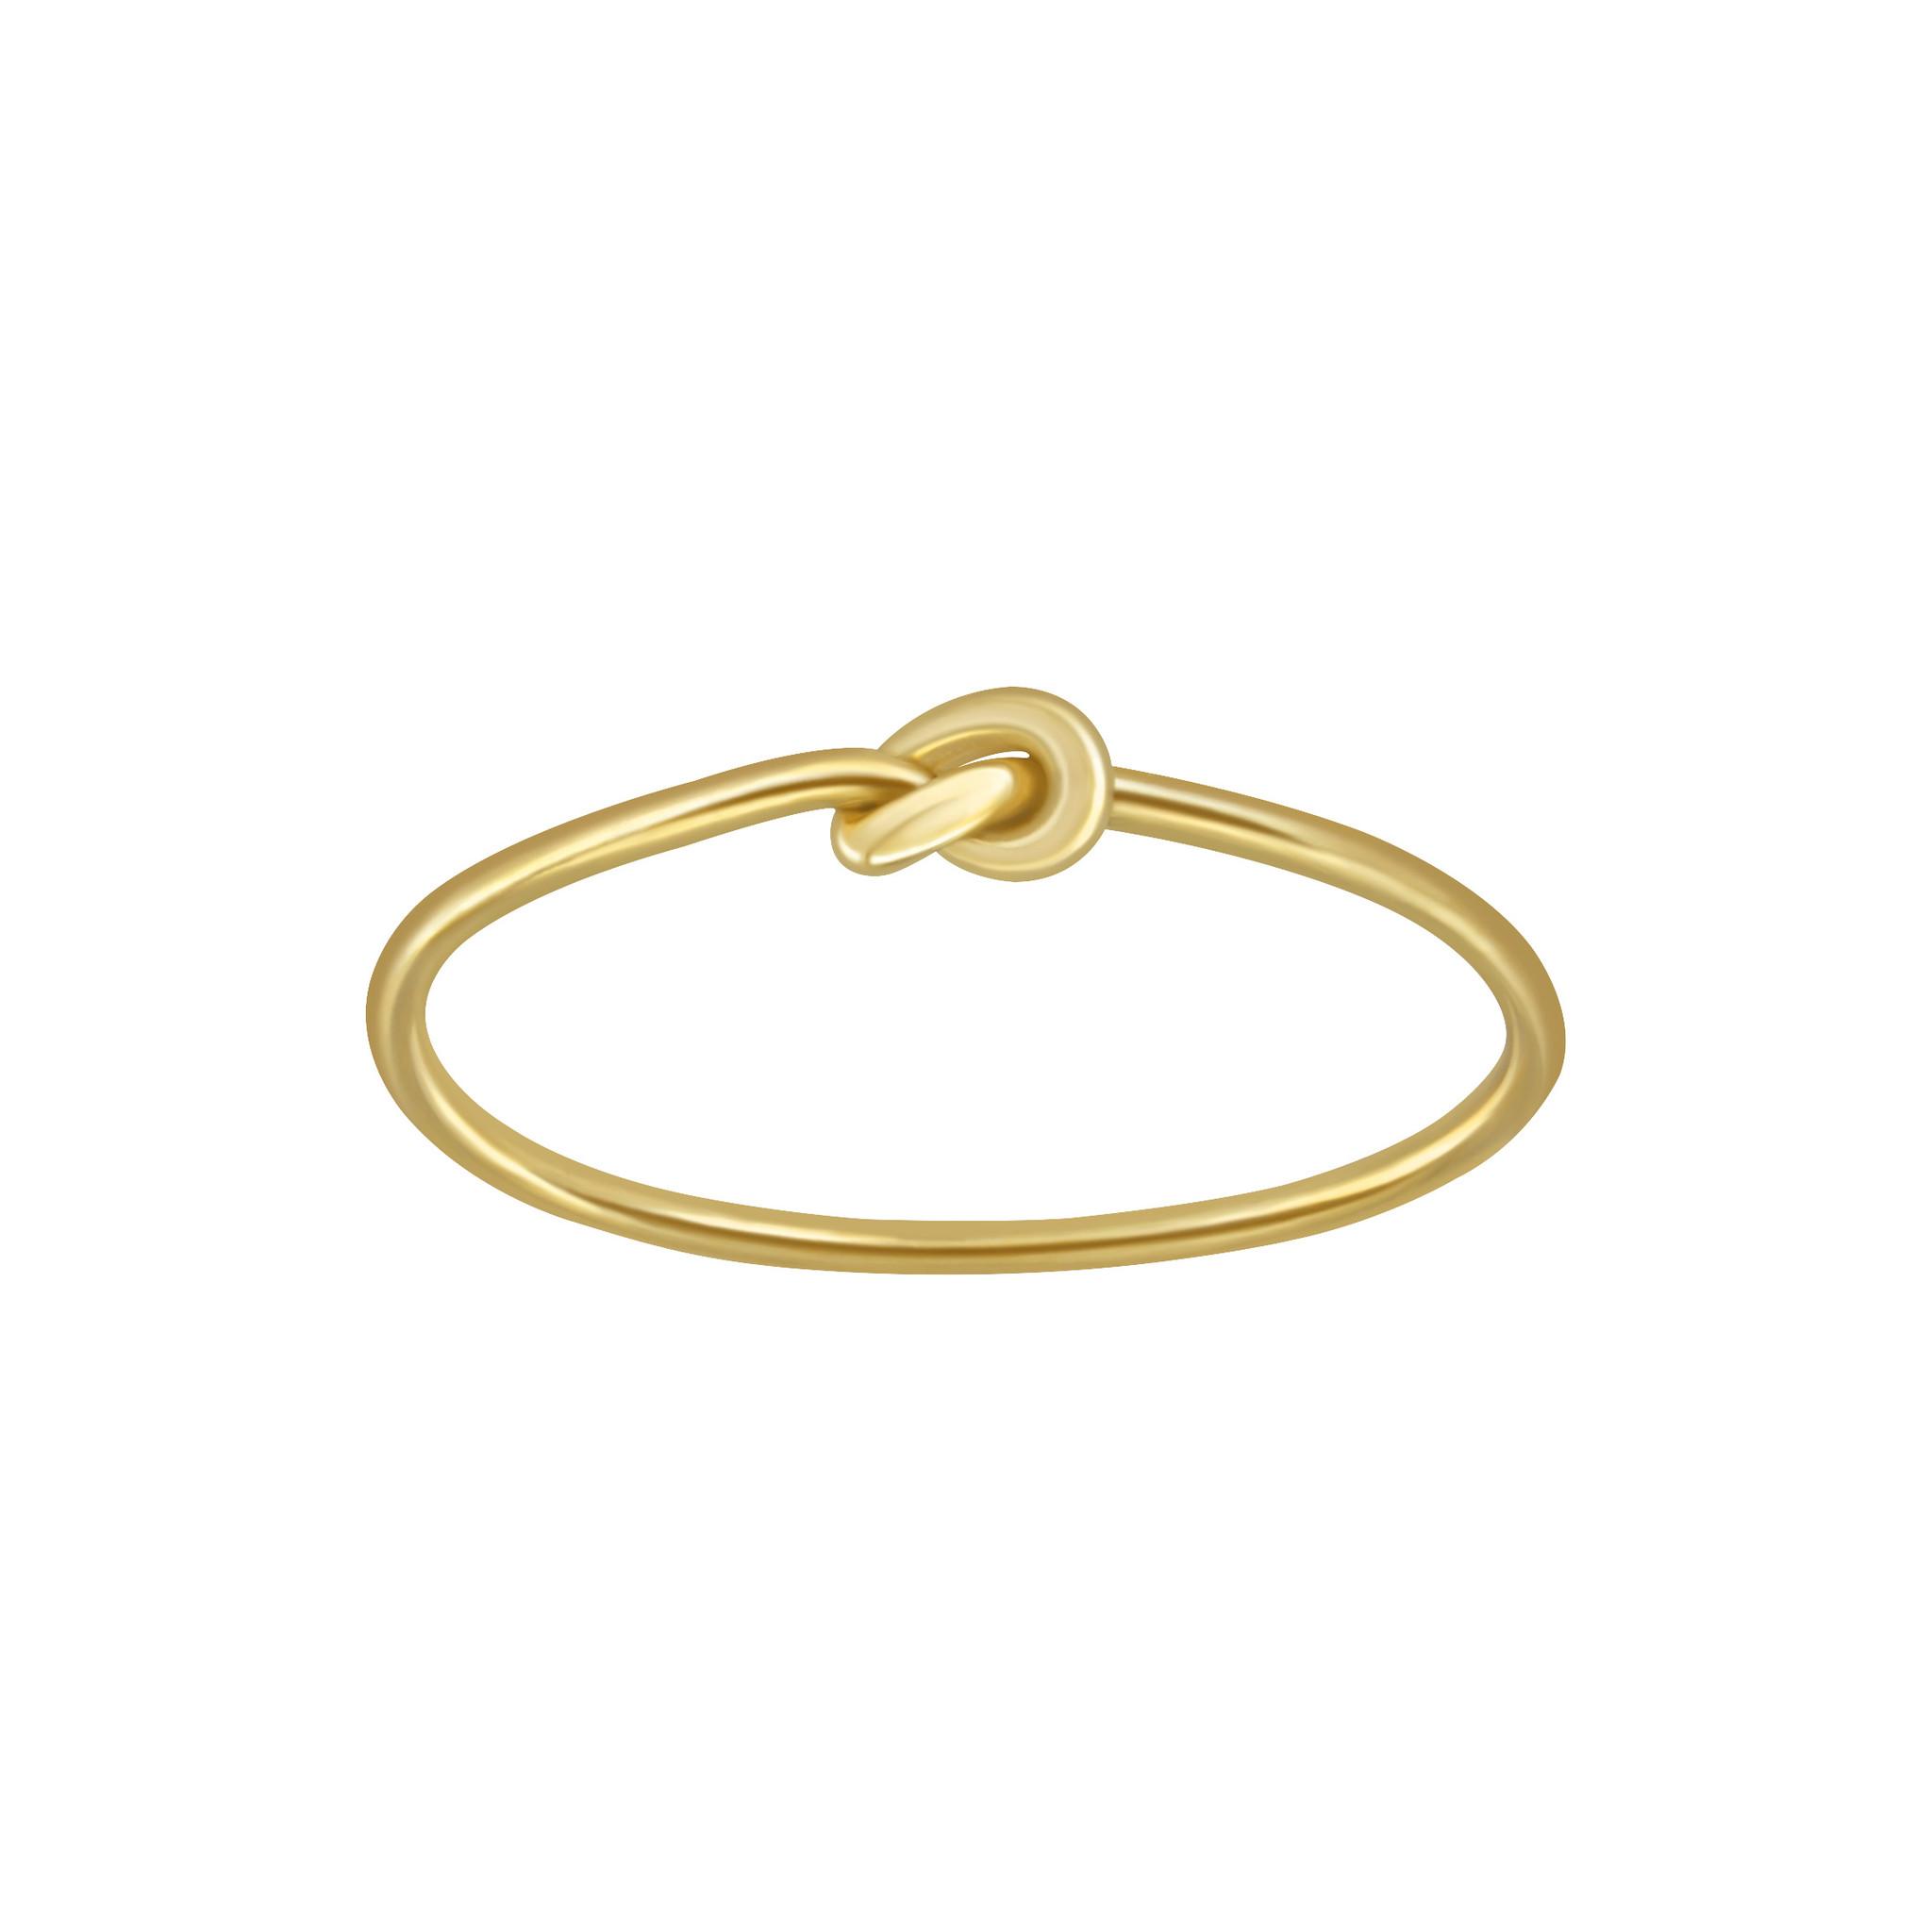 Feiner Ring mit Knoten aus 925er Sterling Silber - Gold-1